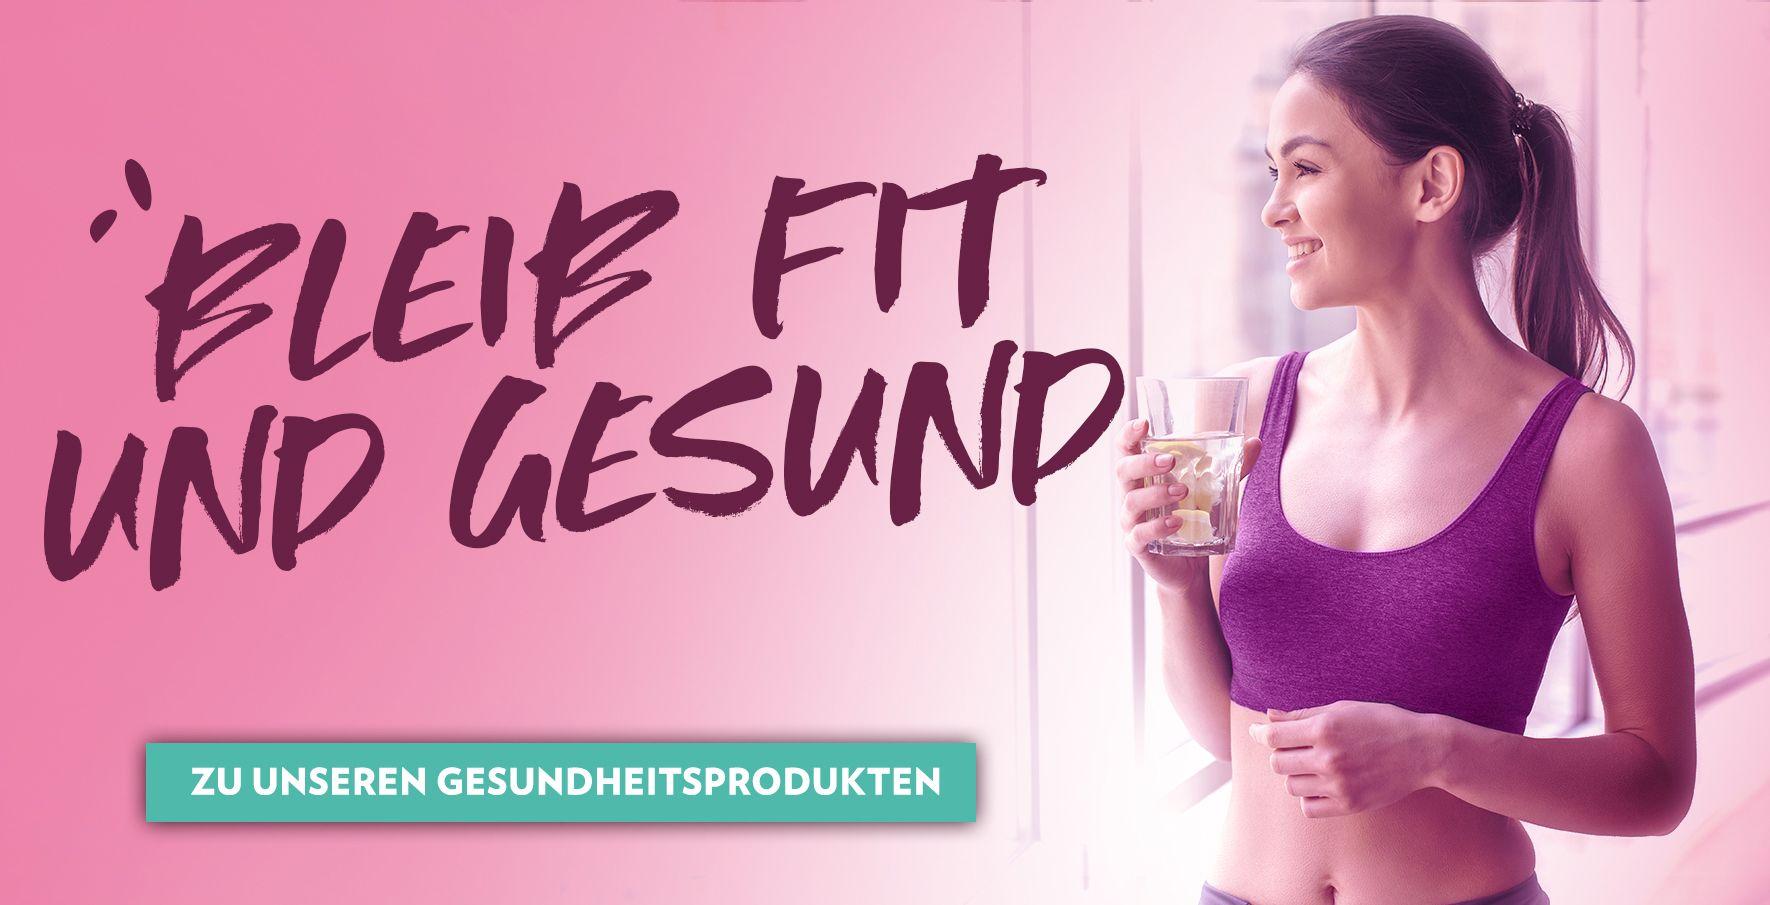 Bleib fit und gesund mit GymQueen!